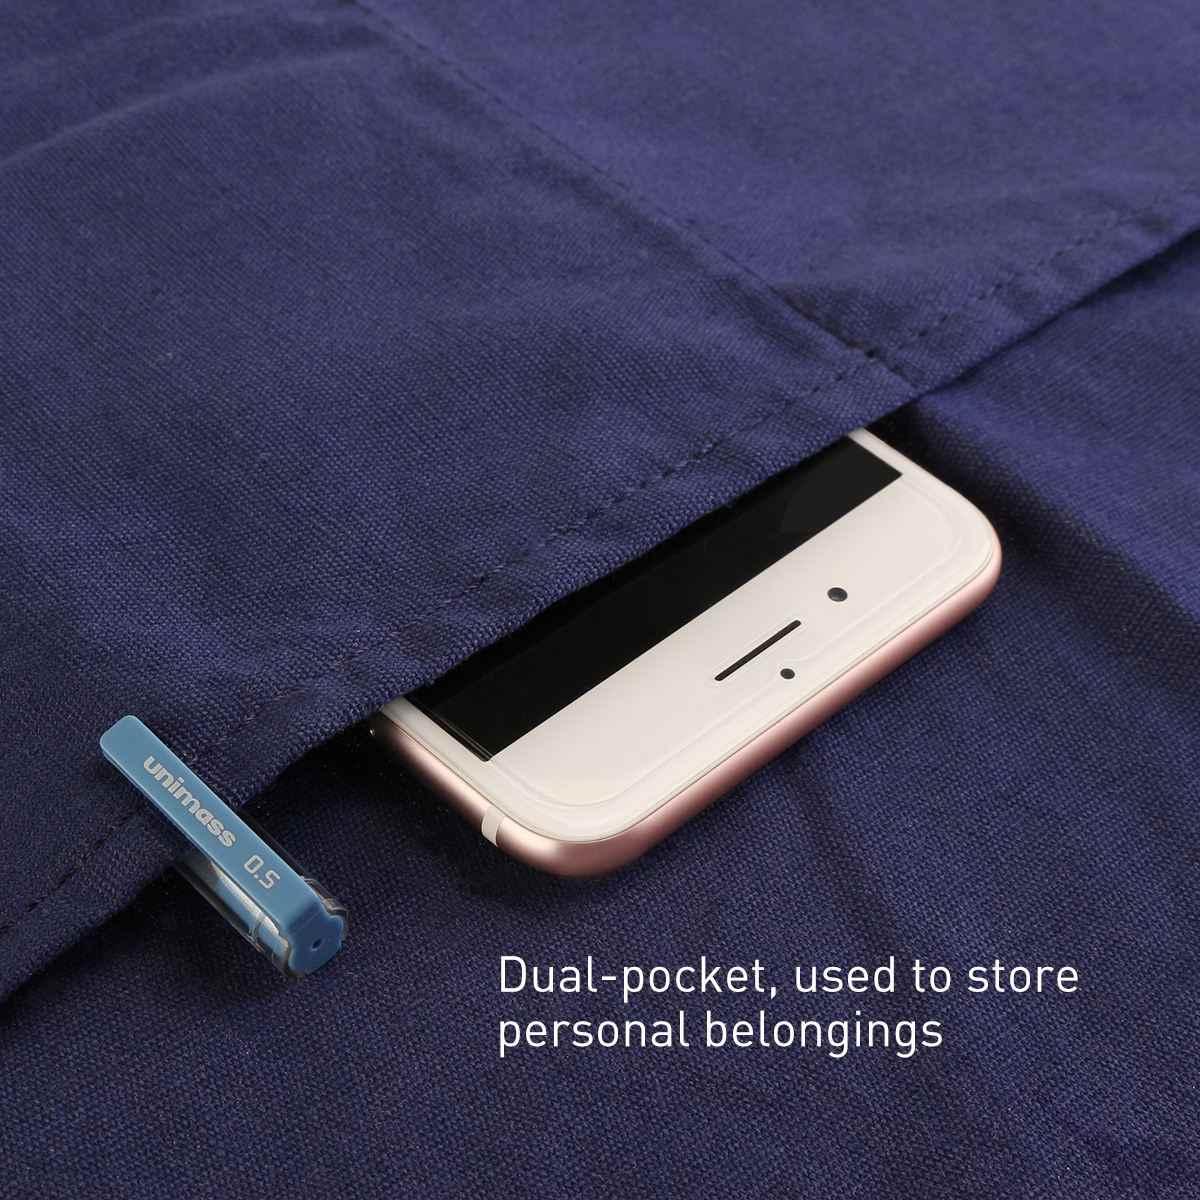 UEETEK قابل للتعديل الرقبة حزام المريله المئزر مع 2 جيوب لمطعم والمنزل المطبخ ساحة (الأزرق)